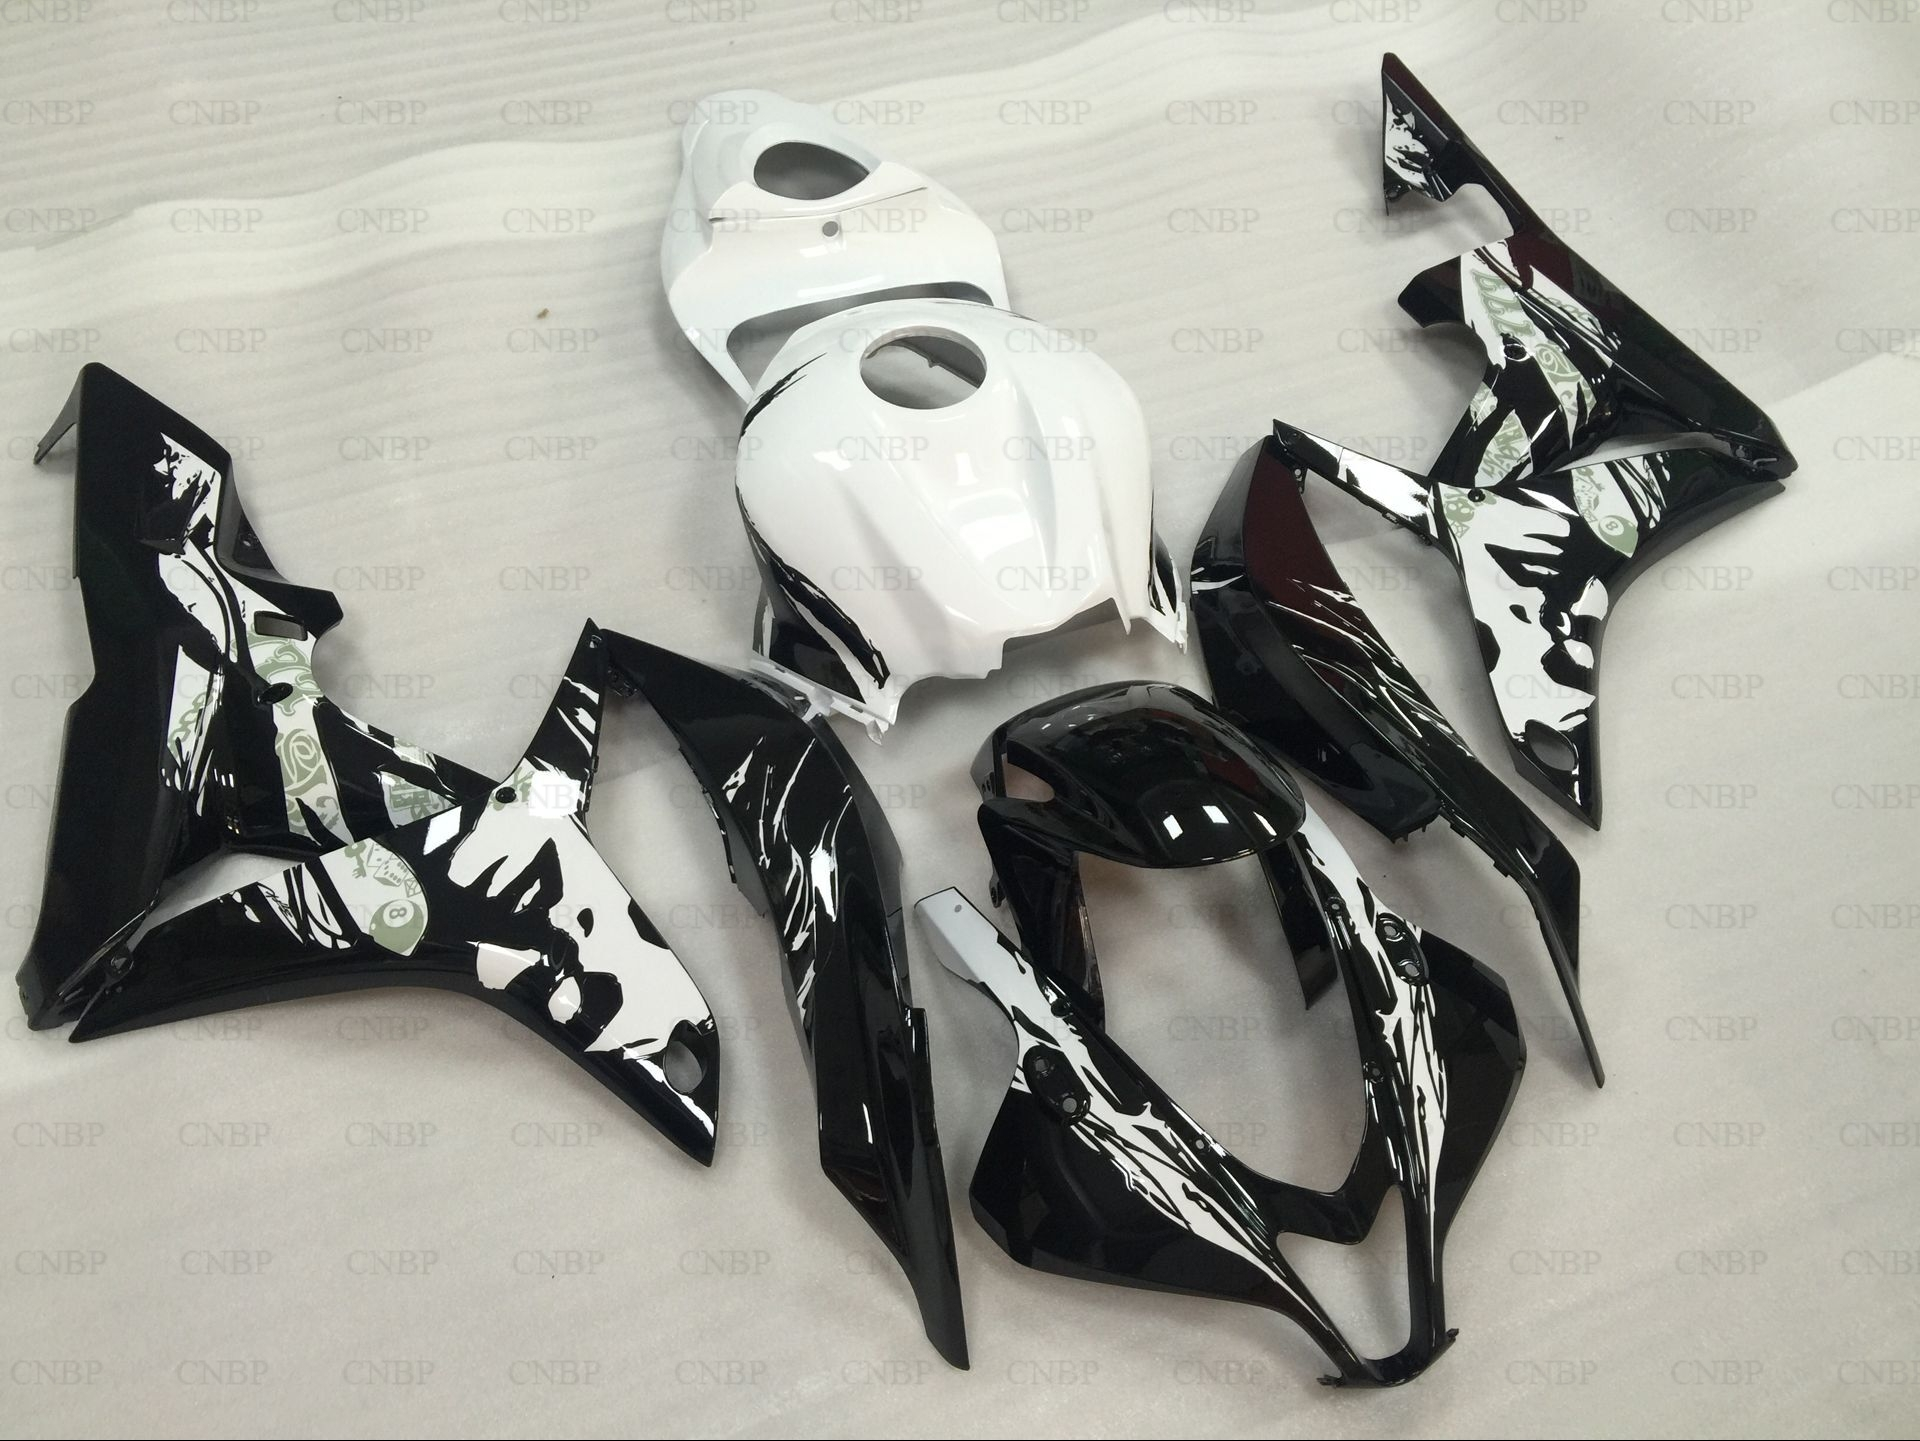 Girl Weman White Black Bodywork For CBR600RR CBR600 CBR 600 RR 2007 2008 07 08 Fairing Body Kit